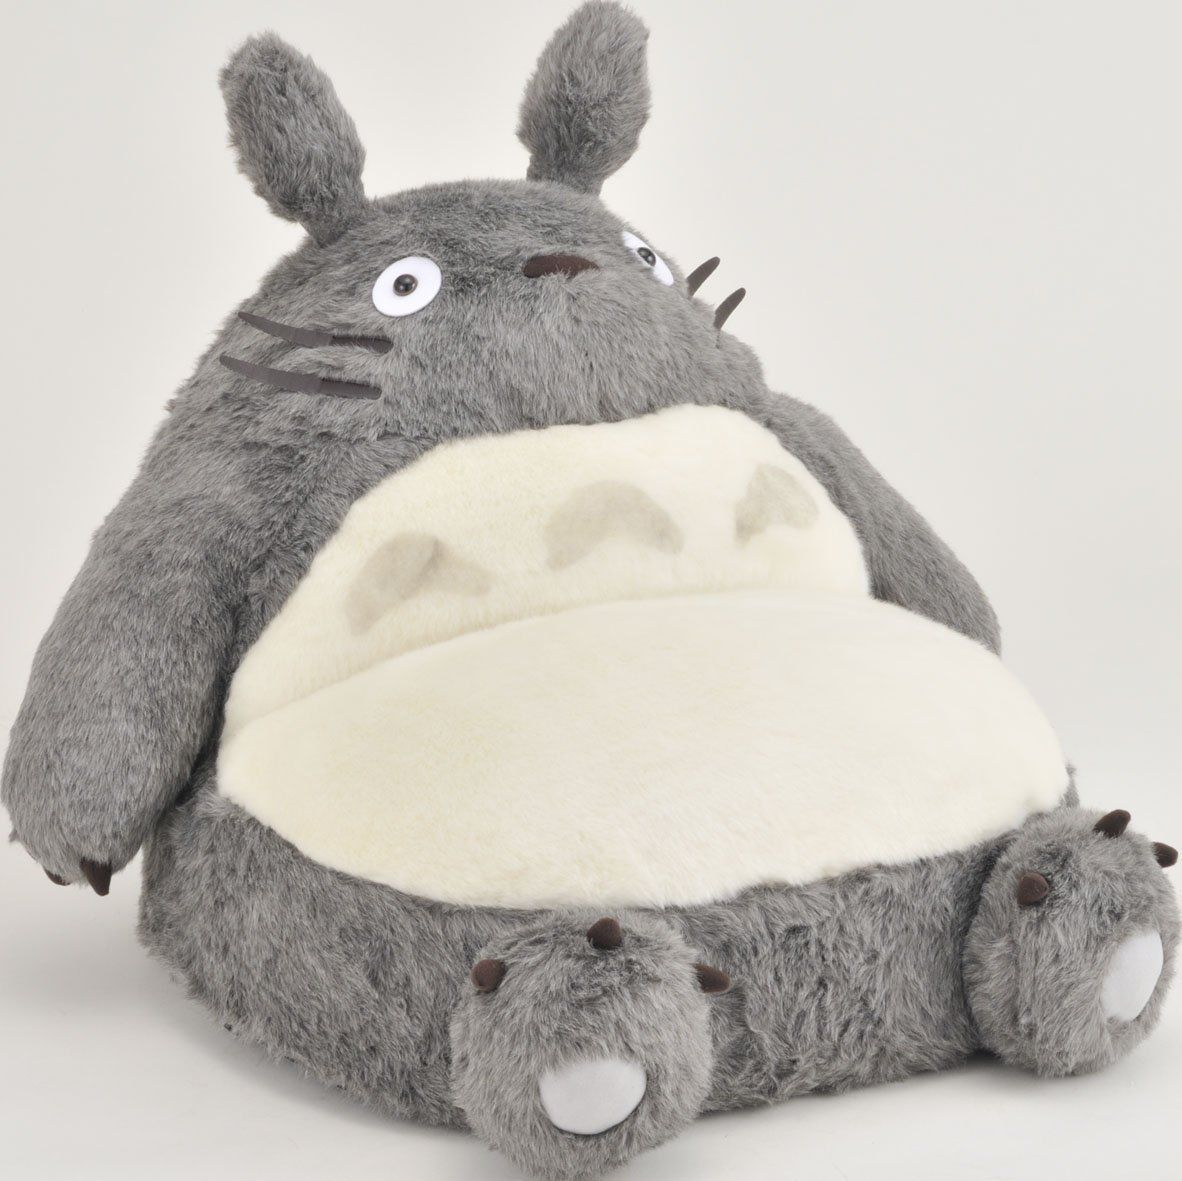 Top 55+ Des Cadeaux Pour Les Fans De Totoro, Avis Aux ... à Coussin Totoro Geant